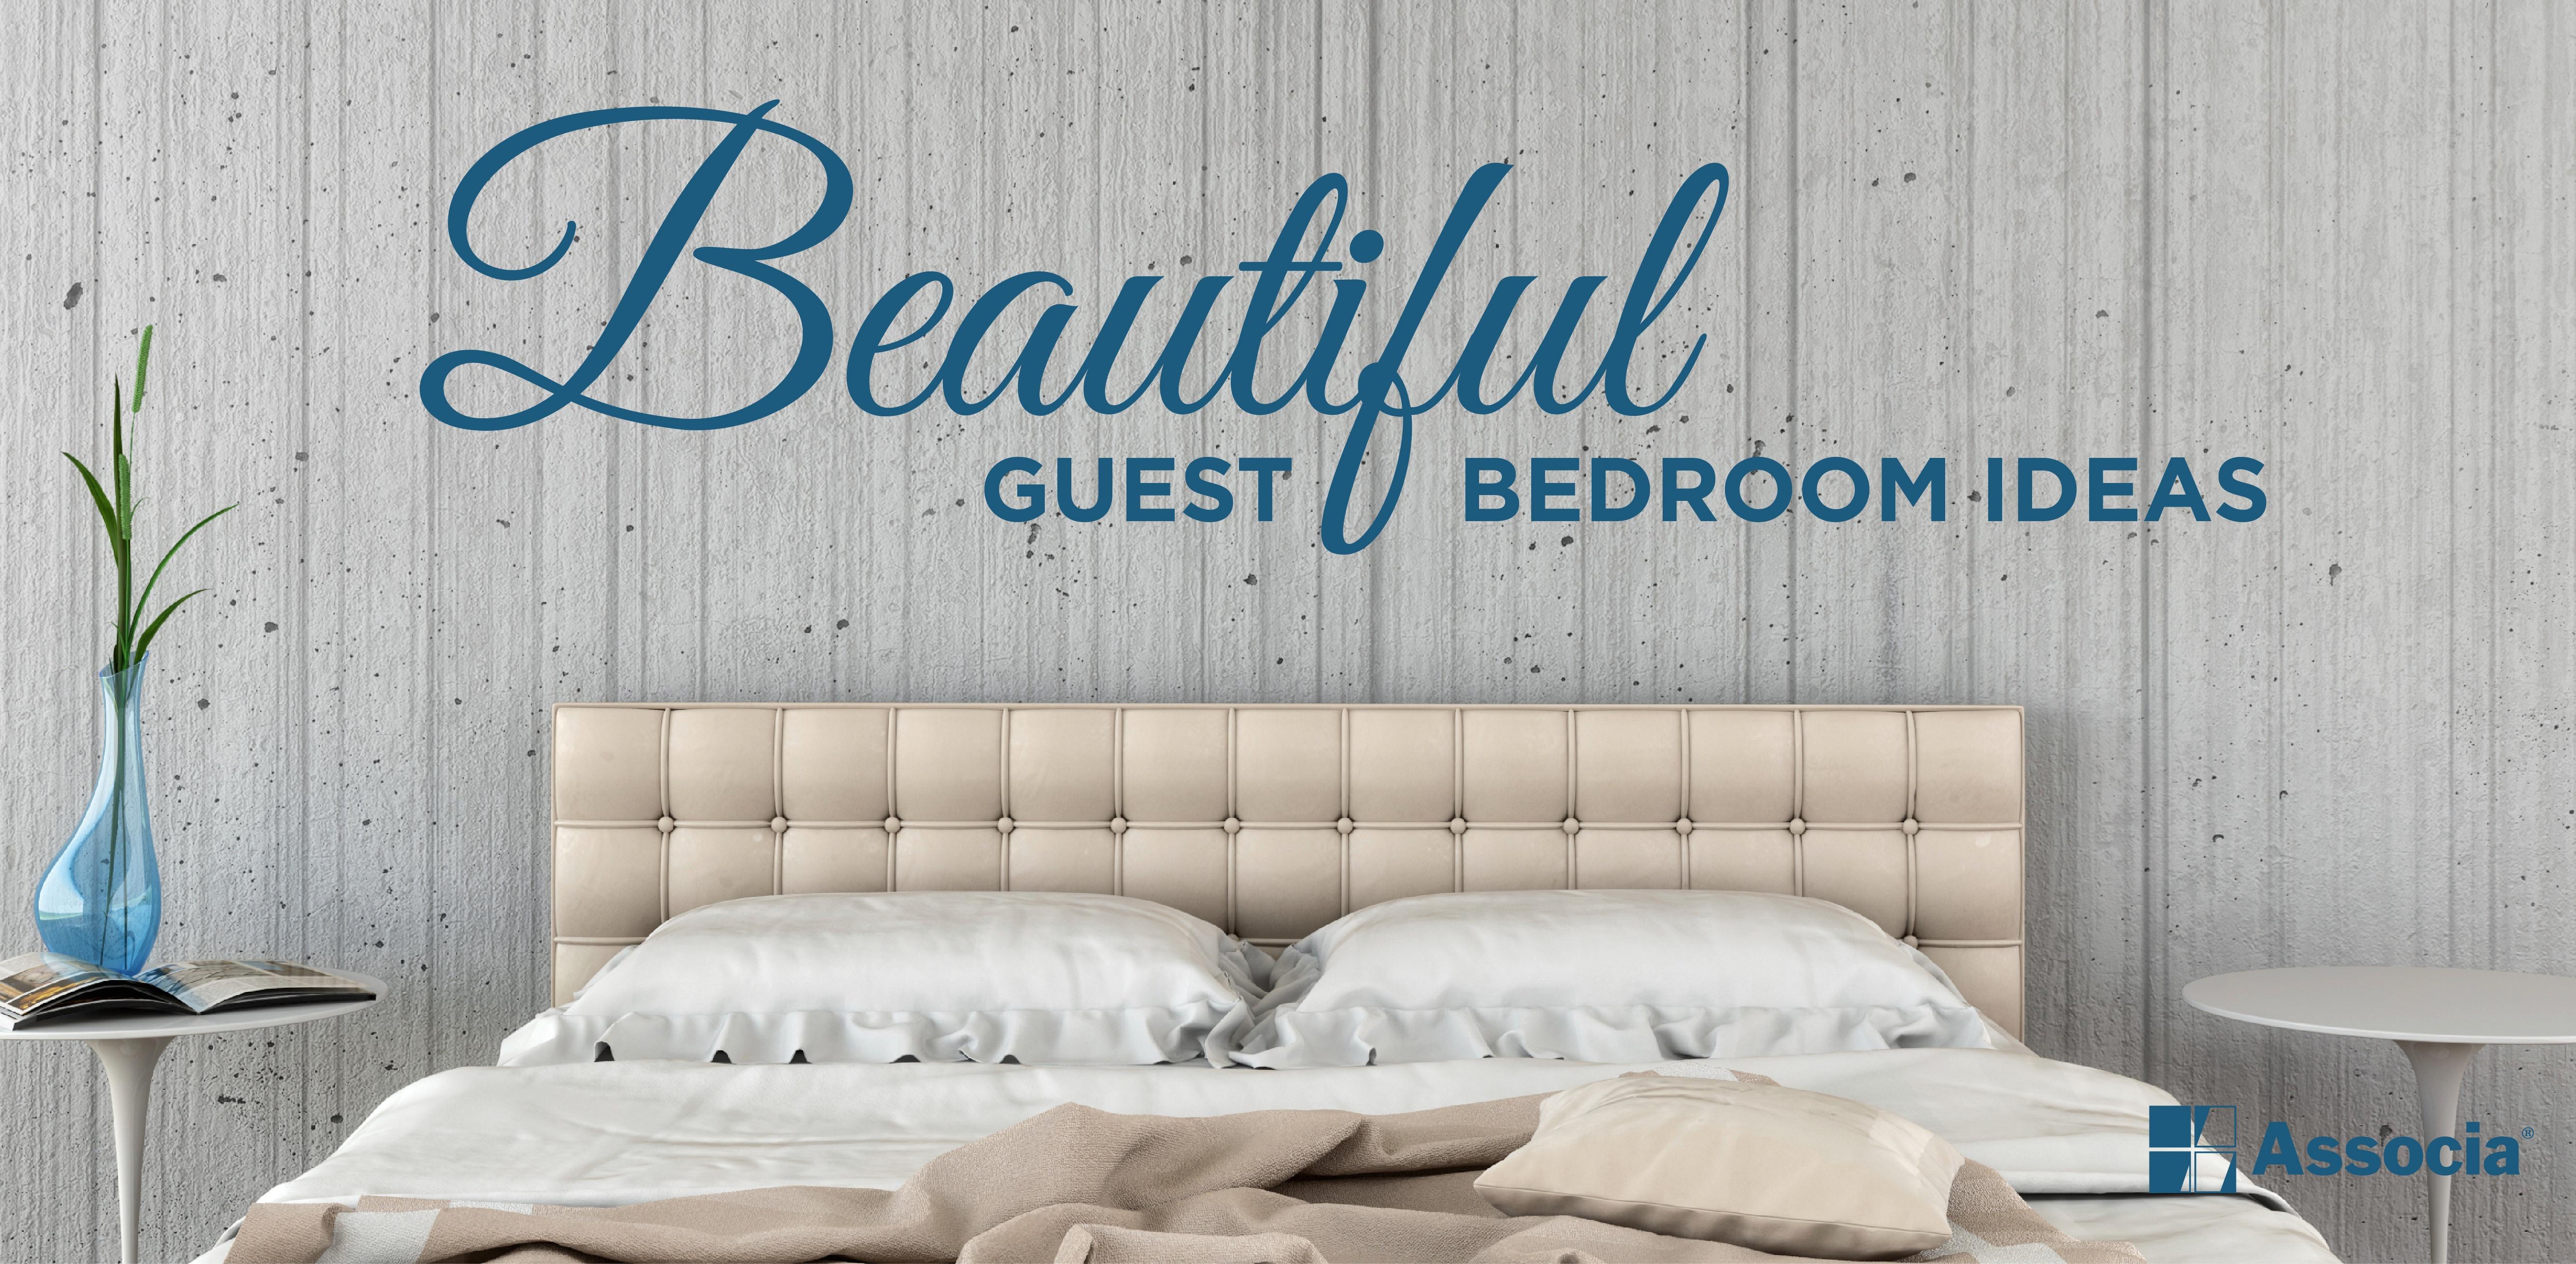 MKTG-16-552_Guest_Room_Blog_Post-01.jpg